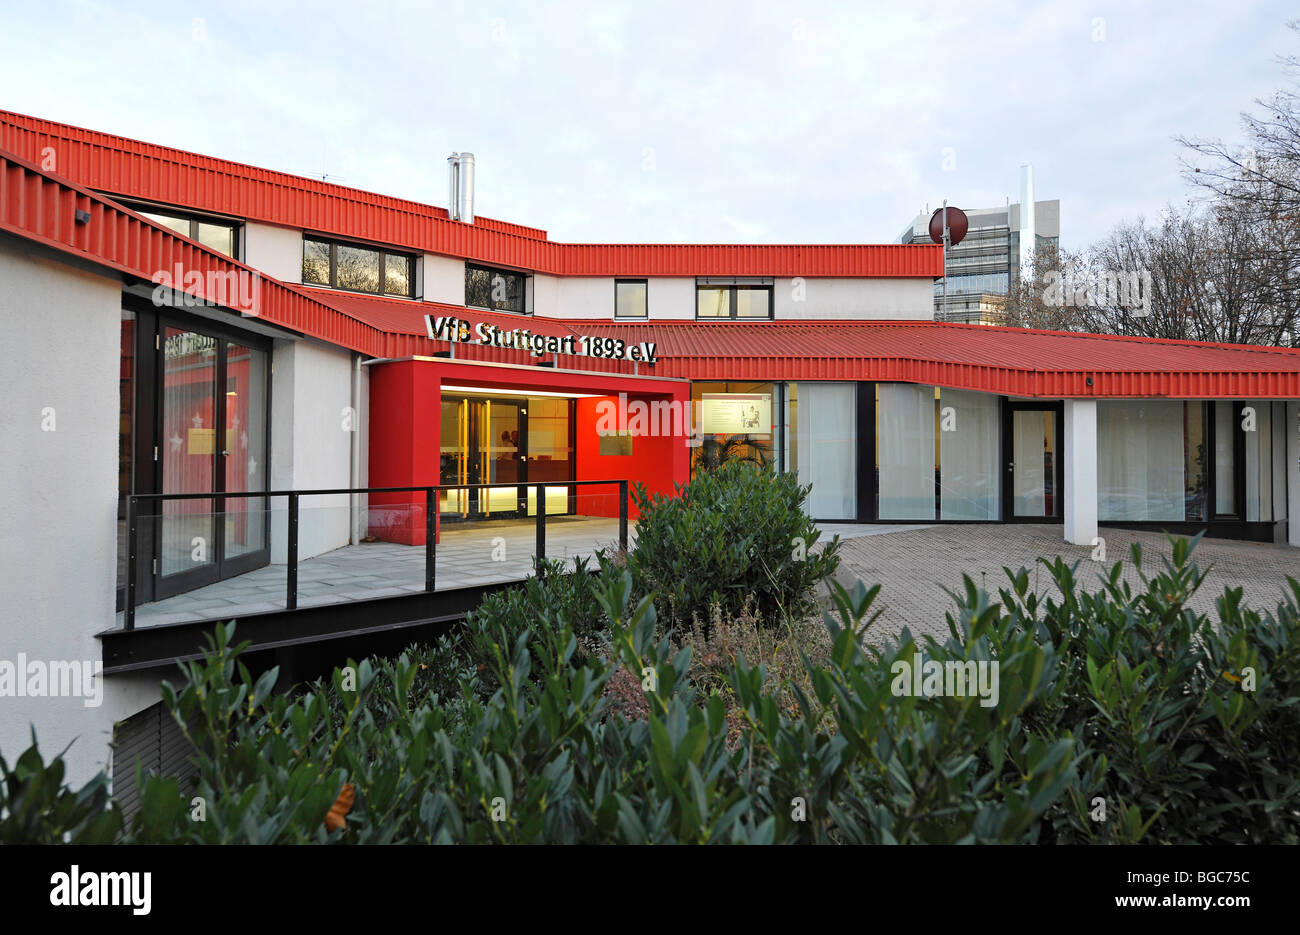 Office of the VfB Stuttgart football club, Stuttgart, Baden-Wuerttemberg, Germany, Europe - Stock Image